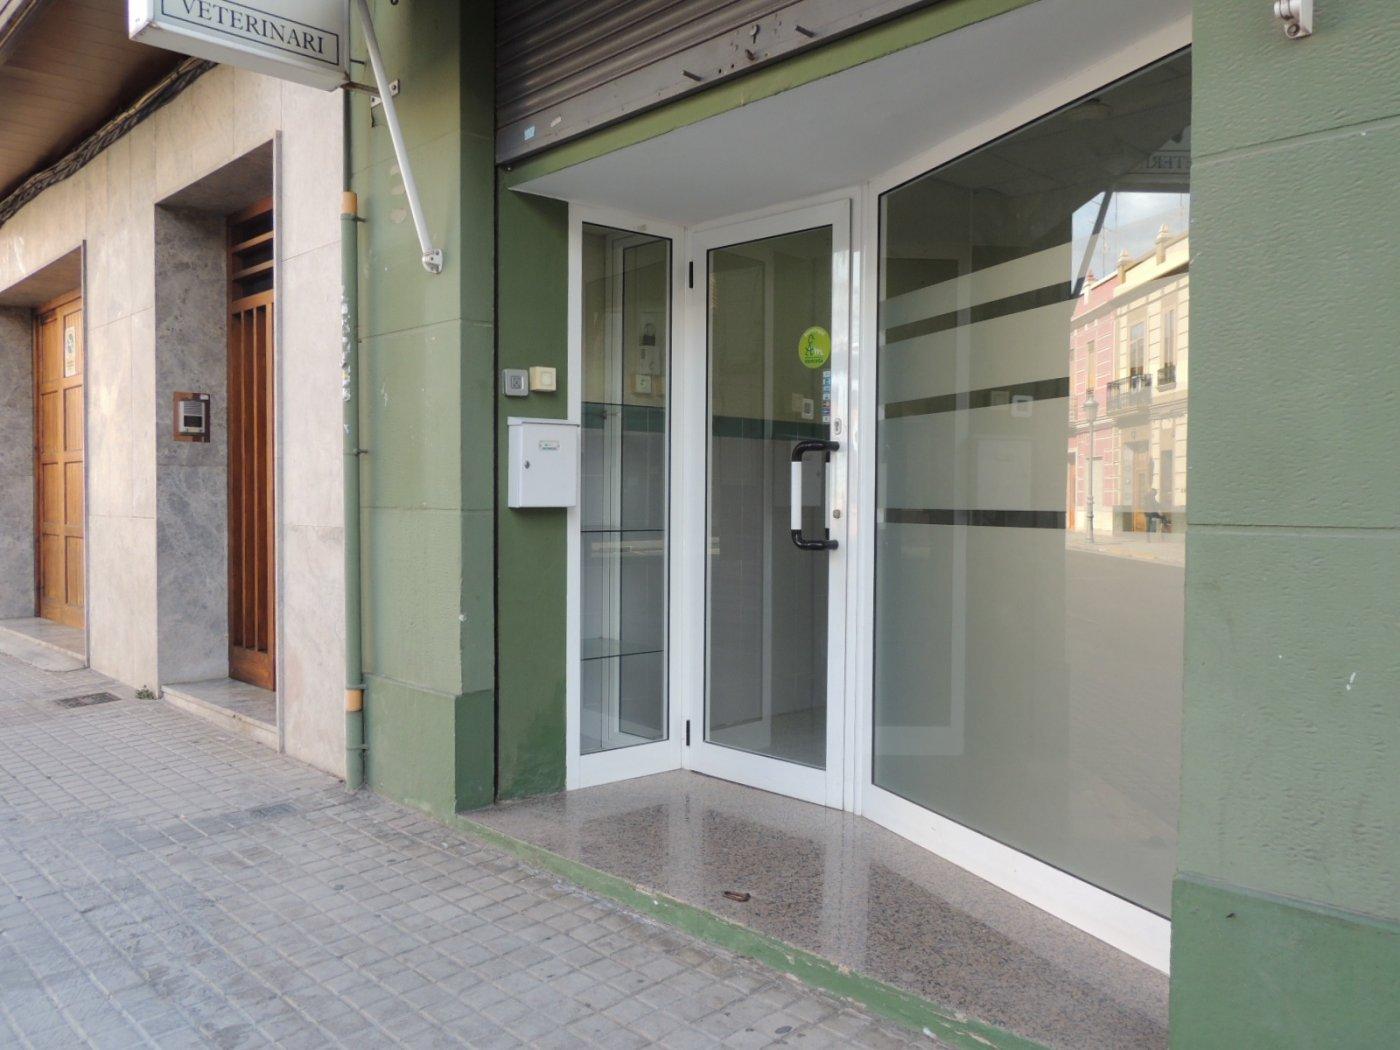 Alquilar de Local comercial en Moncada